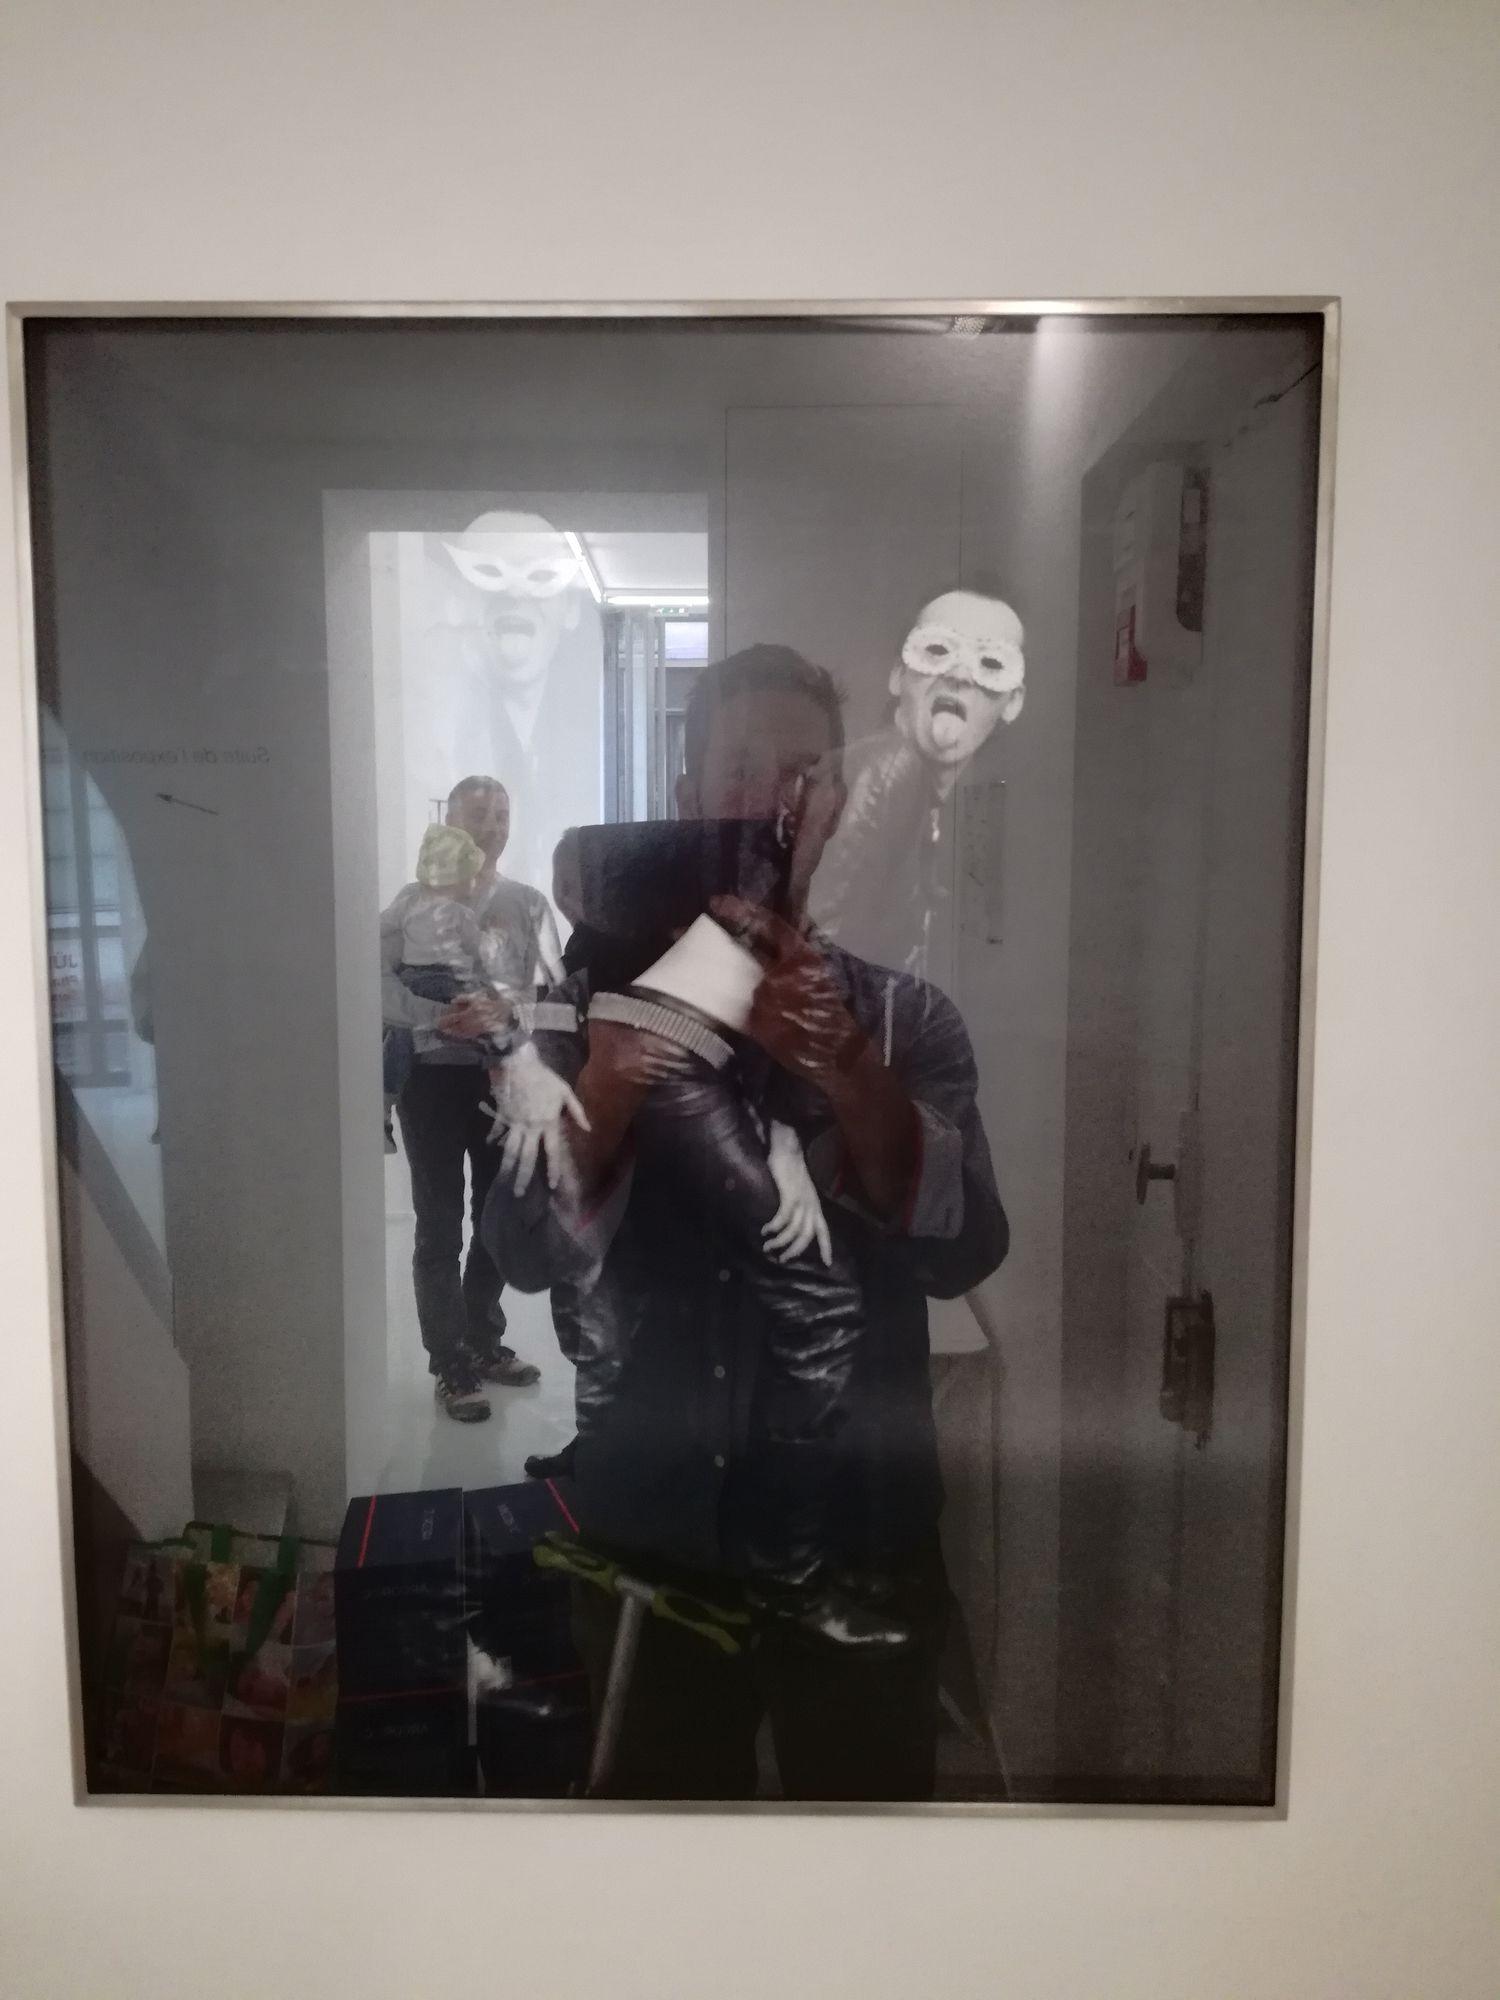 GOSEE ART: Jürgen Klauke at Suzanne Tarasieve Paris